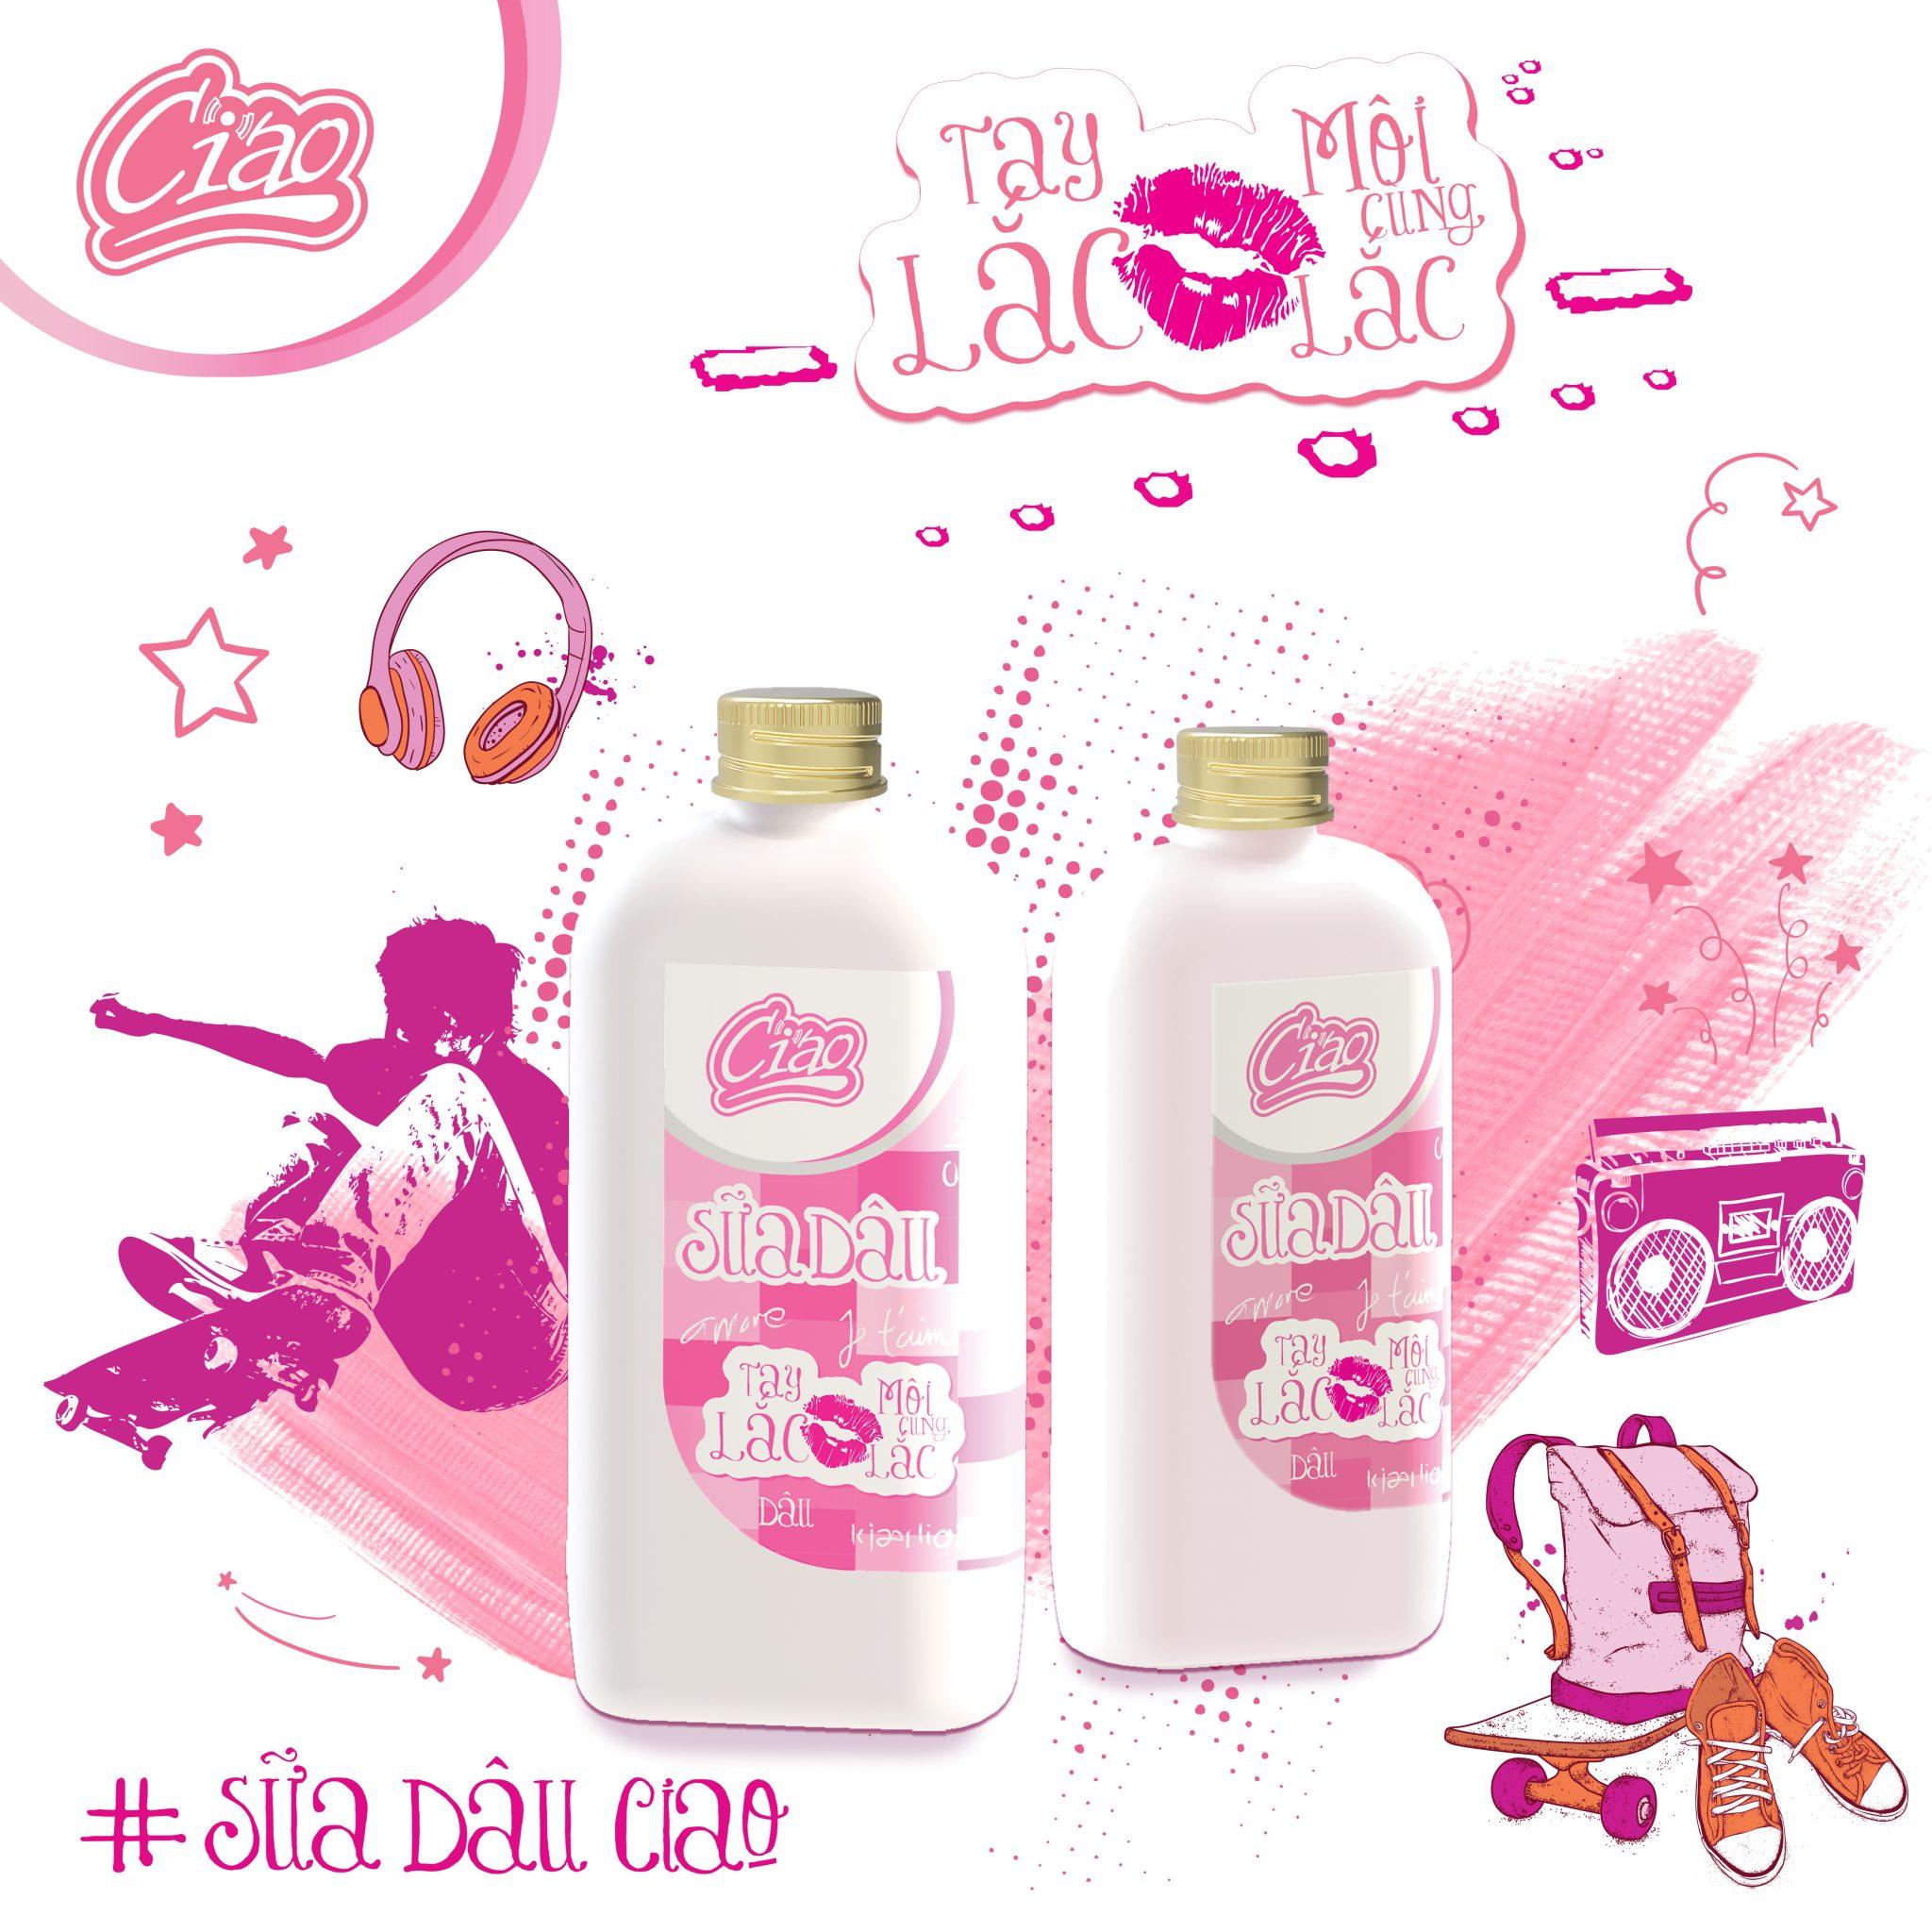 Sữa-Dâu-Ciao-Môi-Lắc-Tay-Cùng-Lắc-03